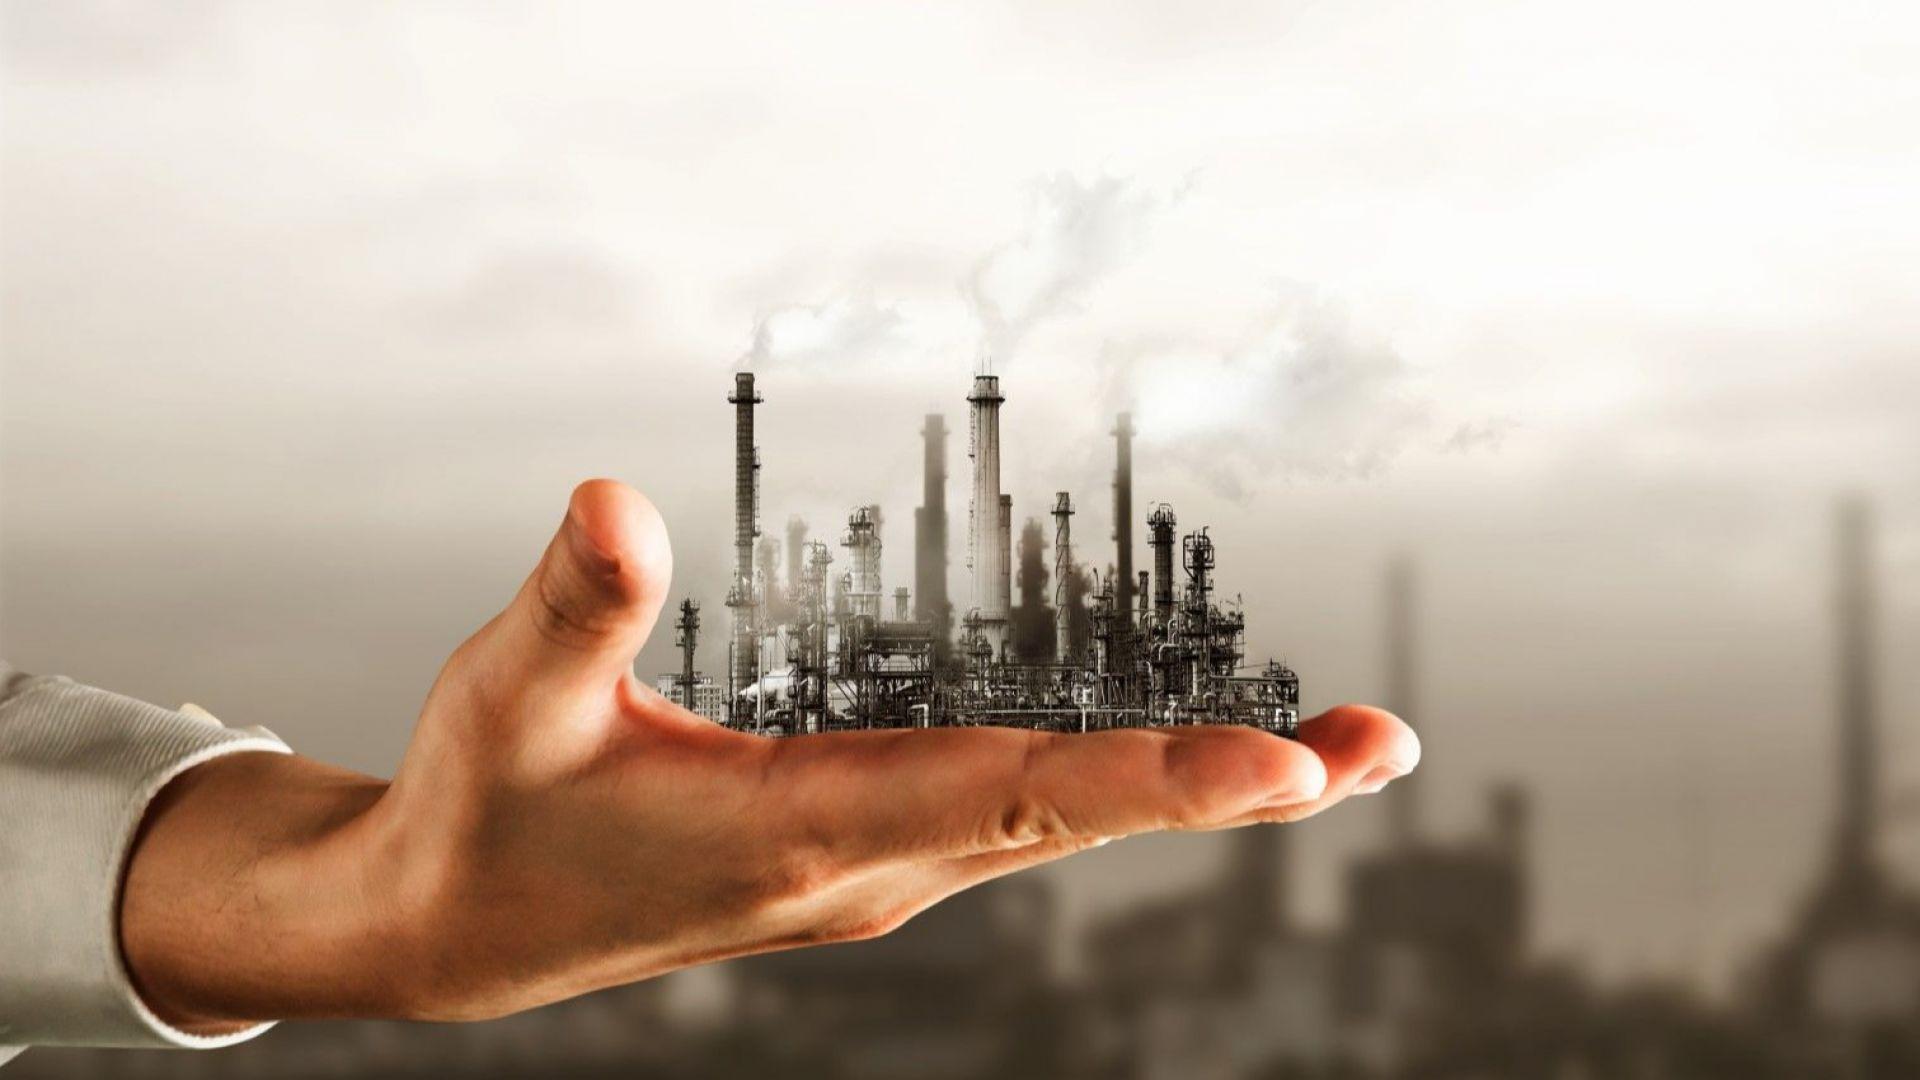 Русия започва огромен нефтохимически проект  близо до Китай